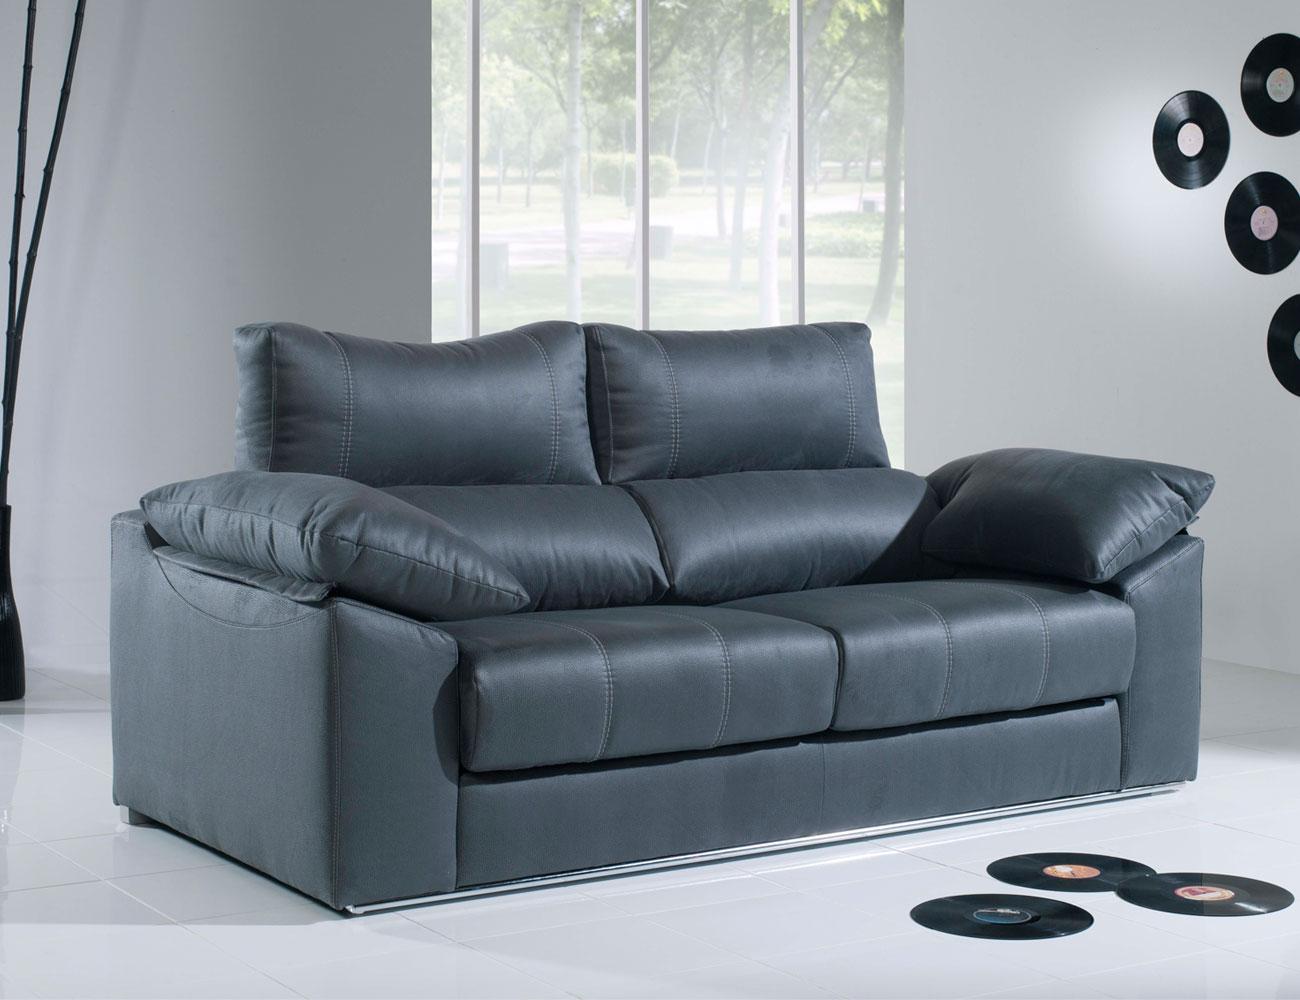 Sofa 3 plazas moderno con barra33